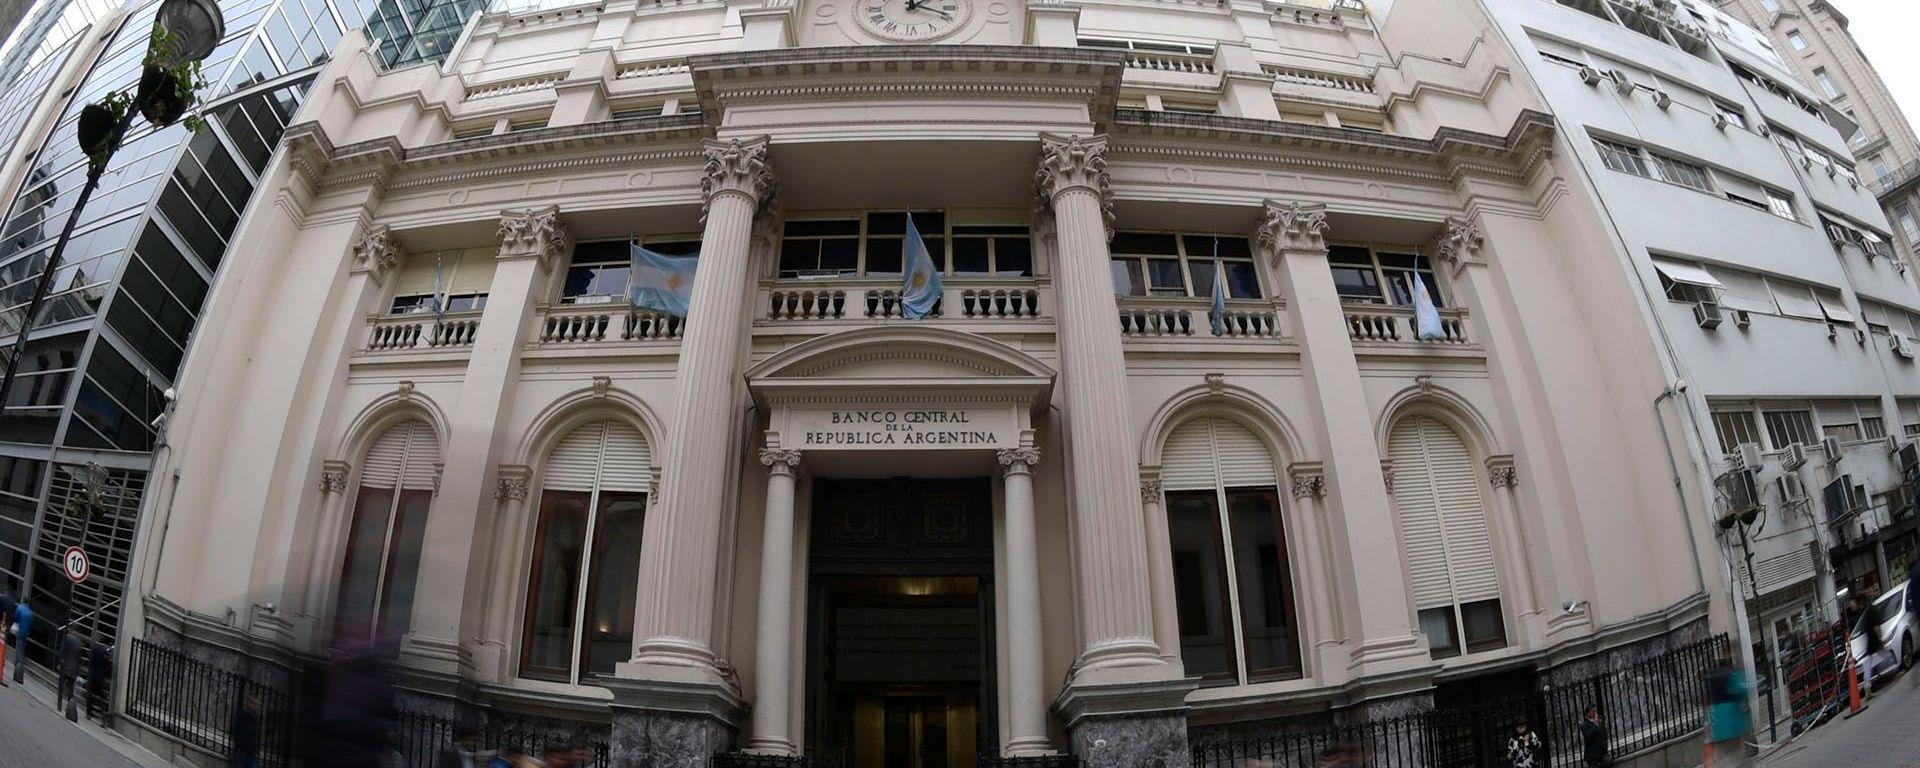 Se perdieron $265 millones de reservas en el BCRA